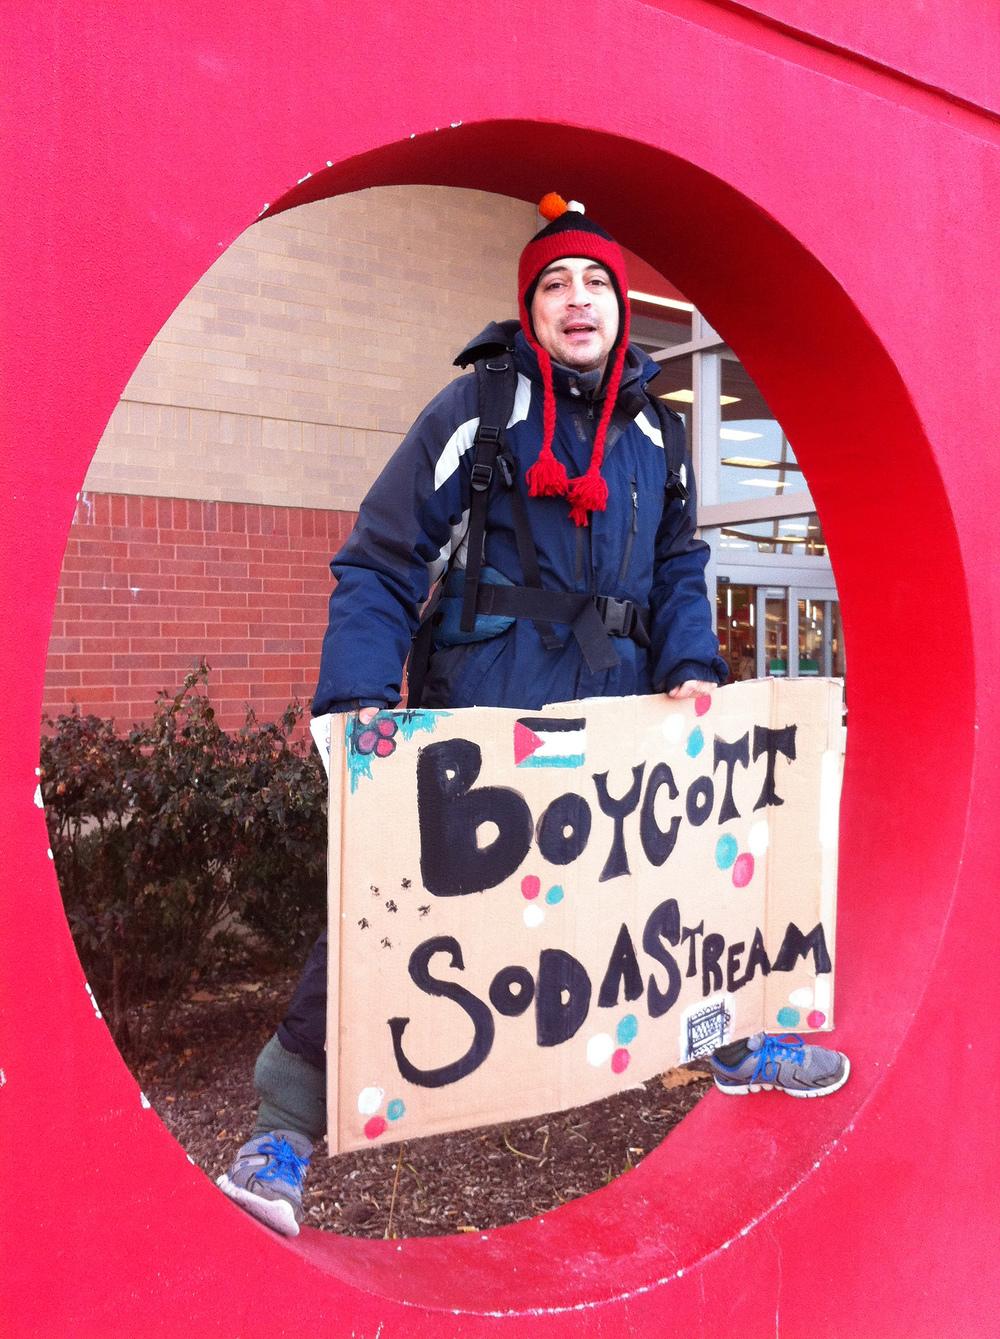 boycott sodastream.jpg